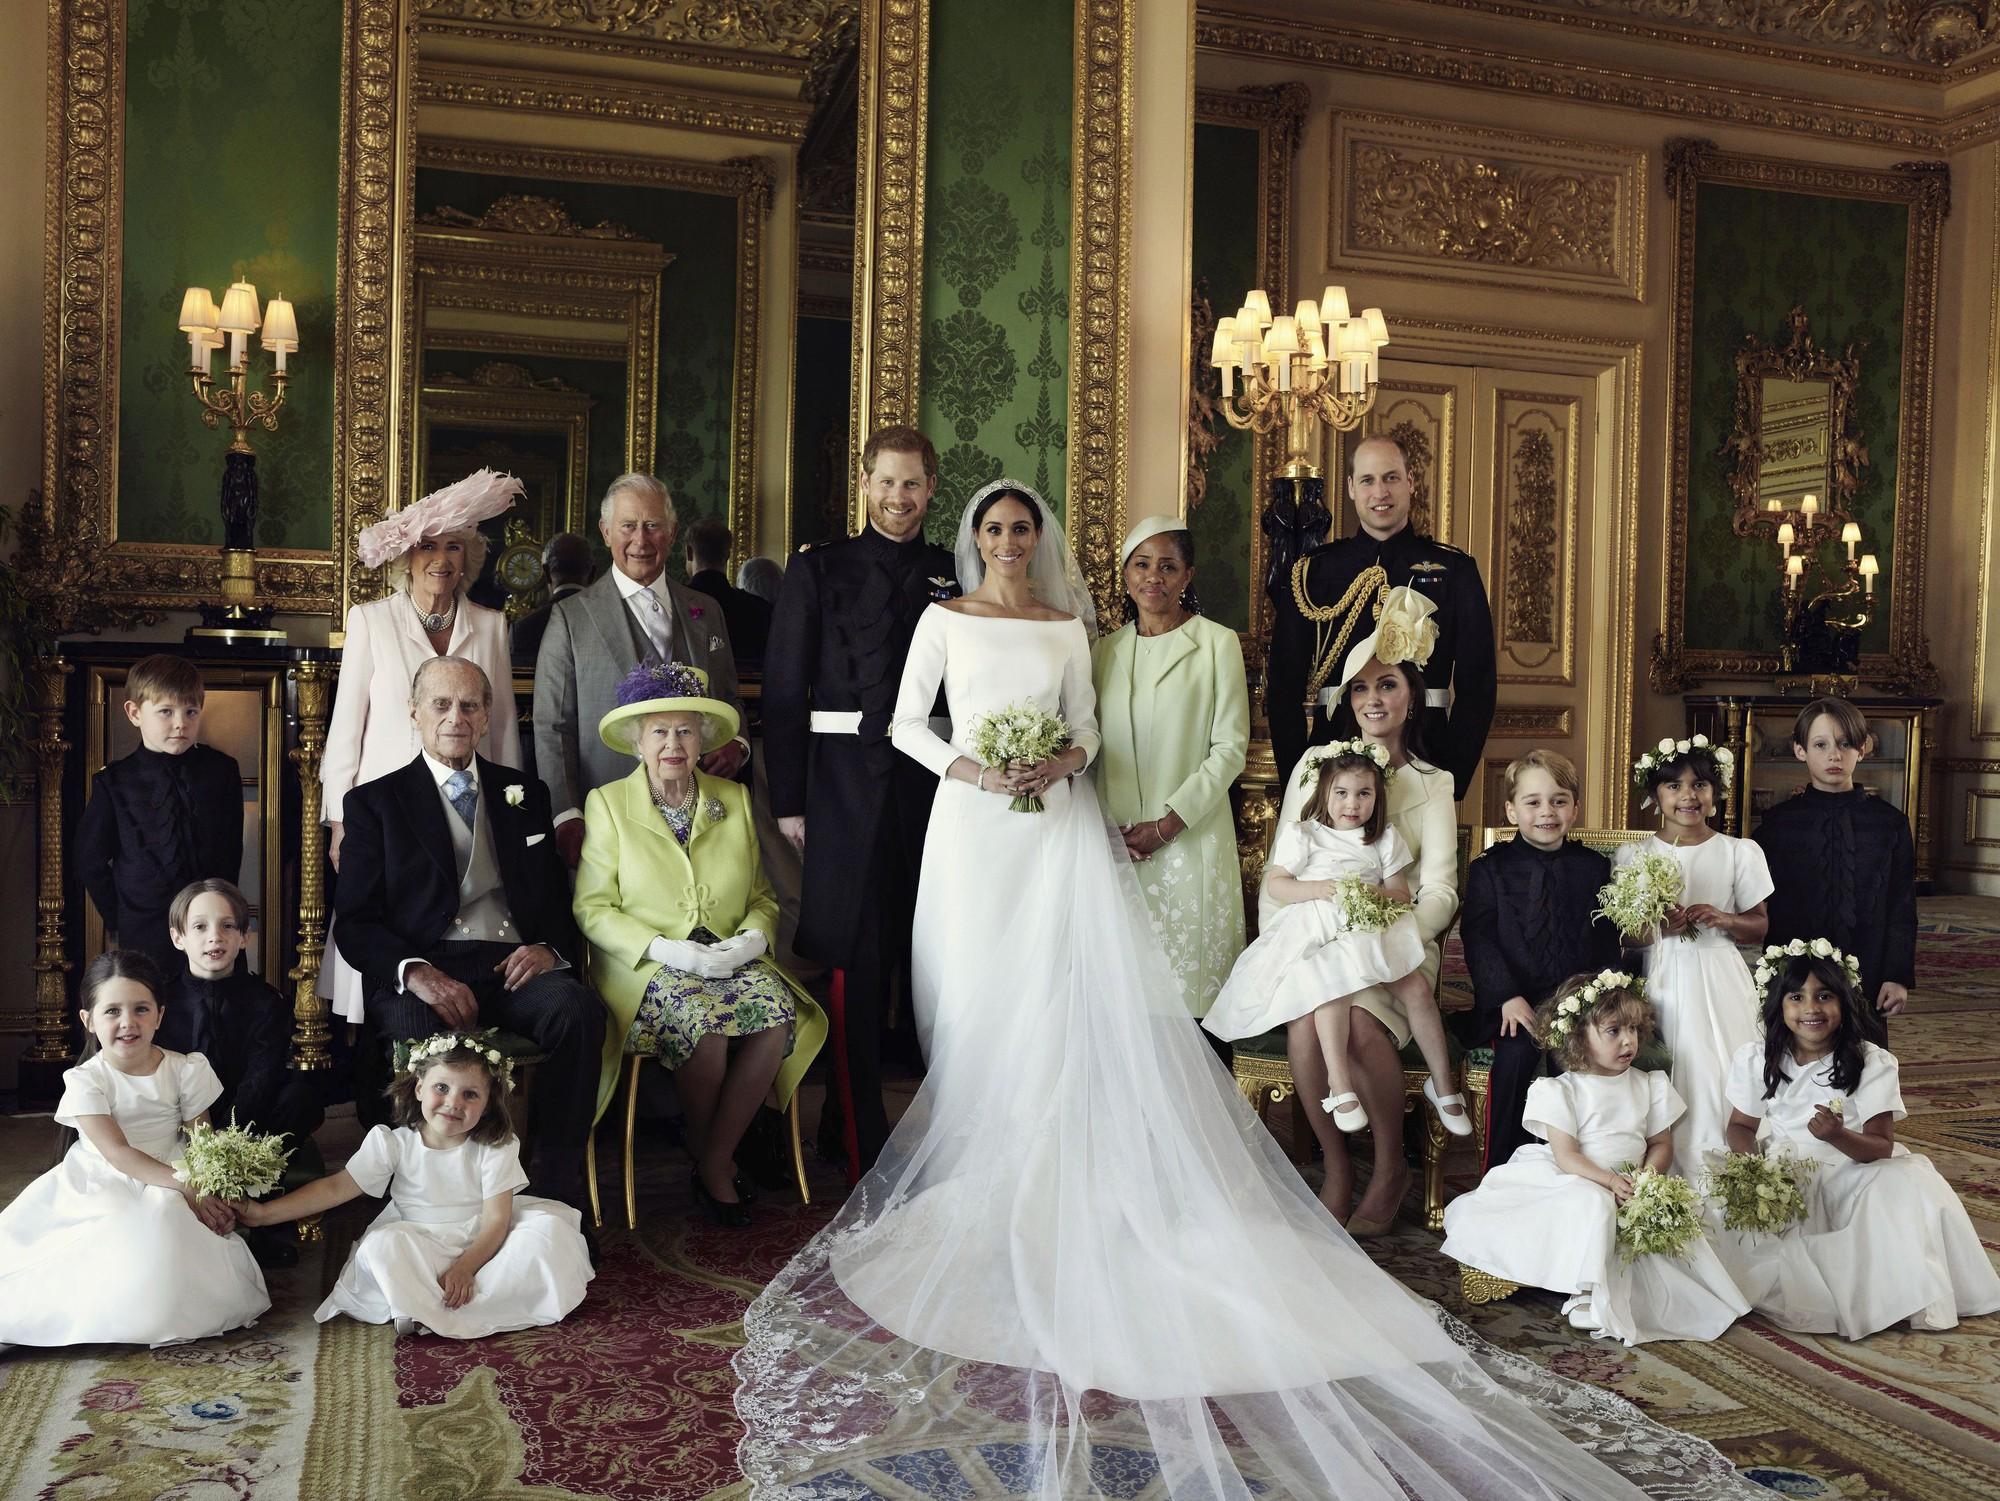 Meghan Markle bị cho là thích chơi trội khi diện váy lệch tông hoàn toàn so với Kate Middleton và mẹ chồng trong ảnh tập thể - Ảnh 7.